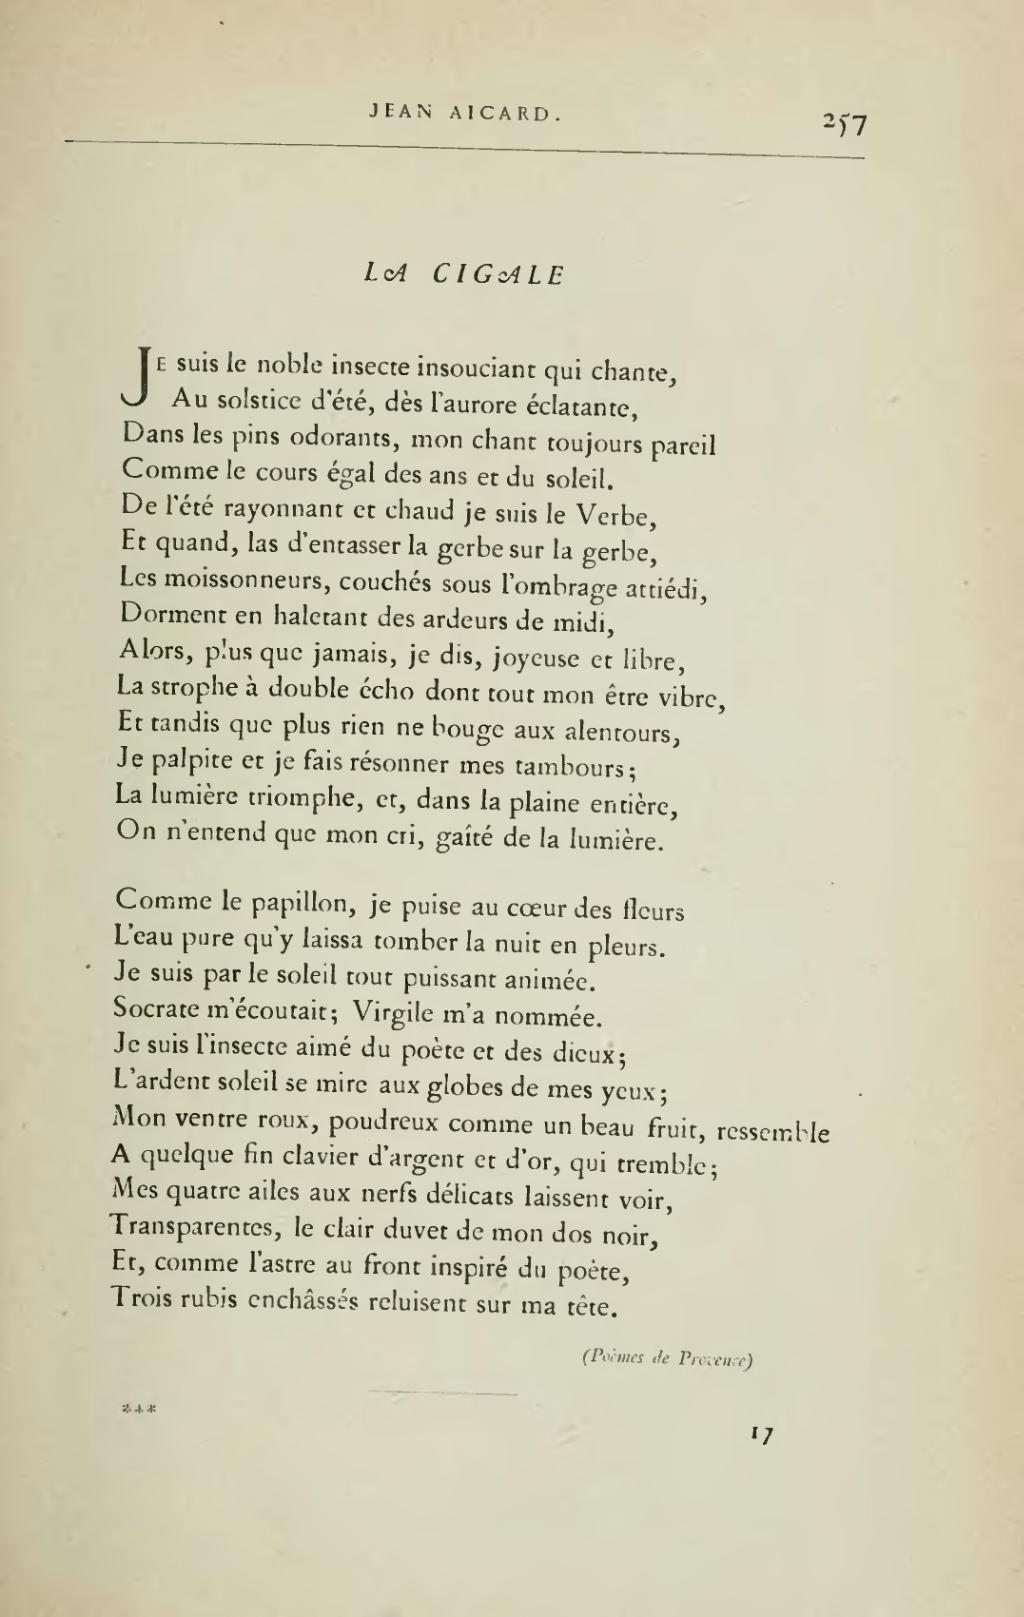 poeme du 19eme siecle